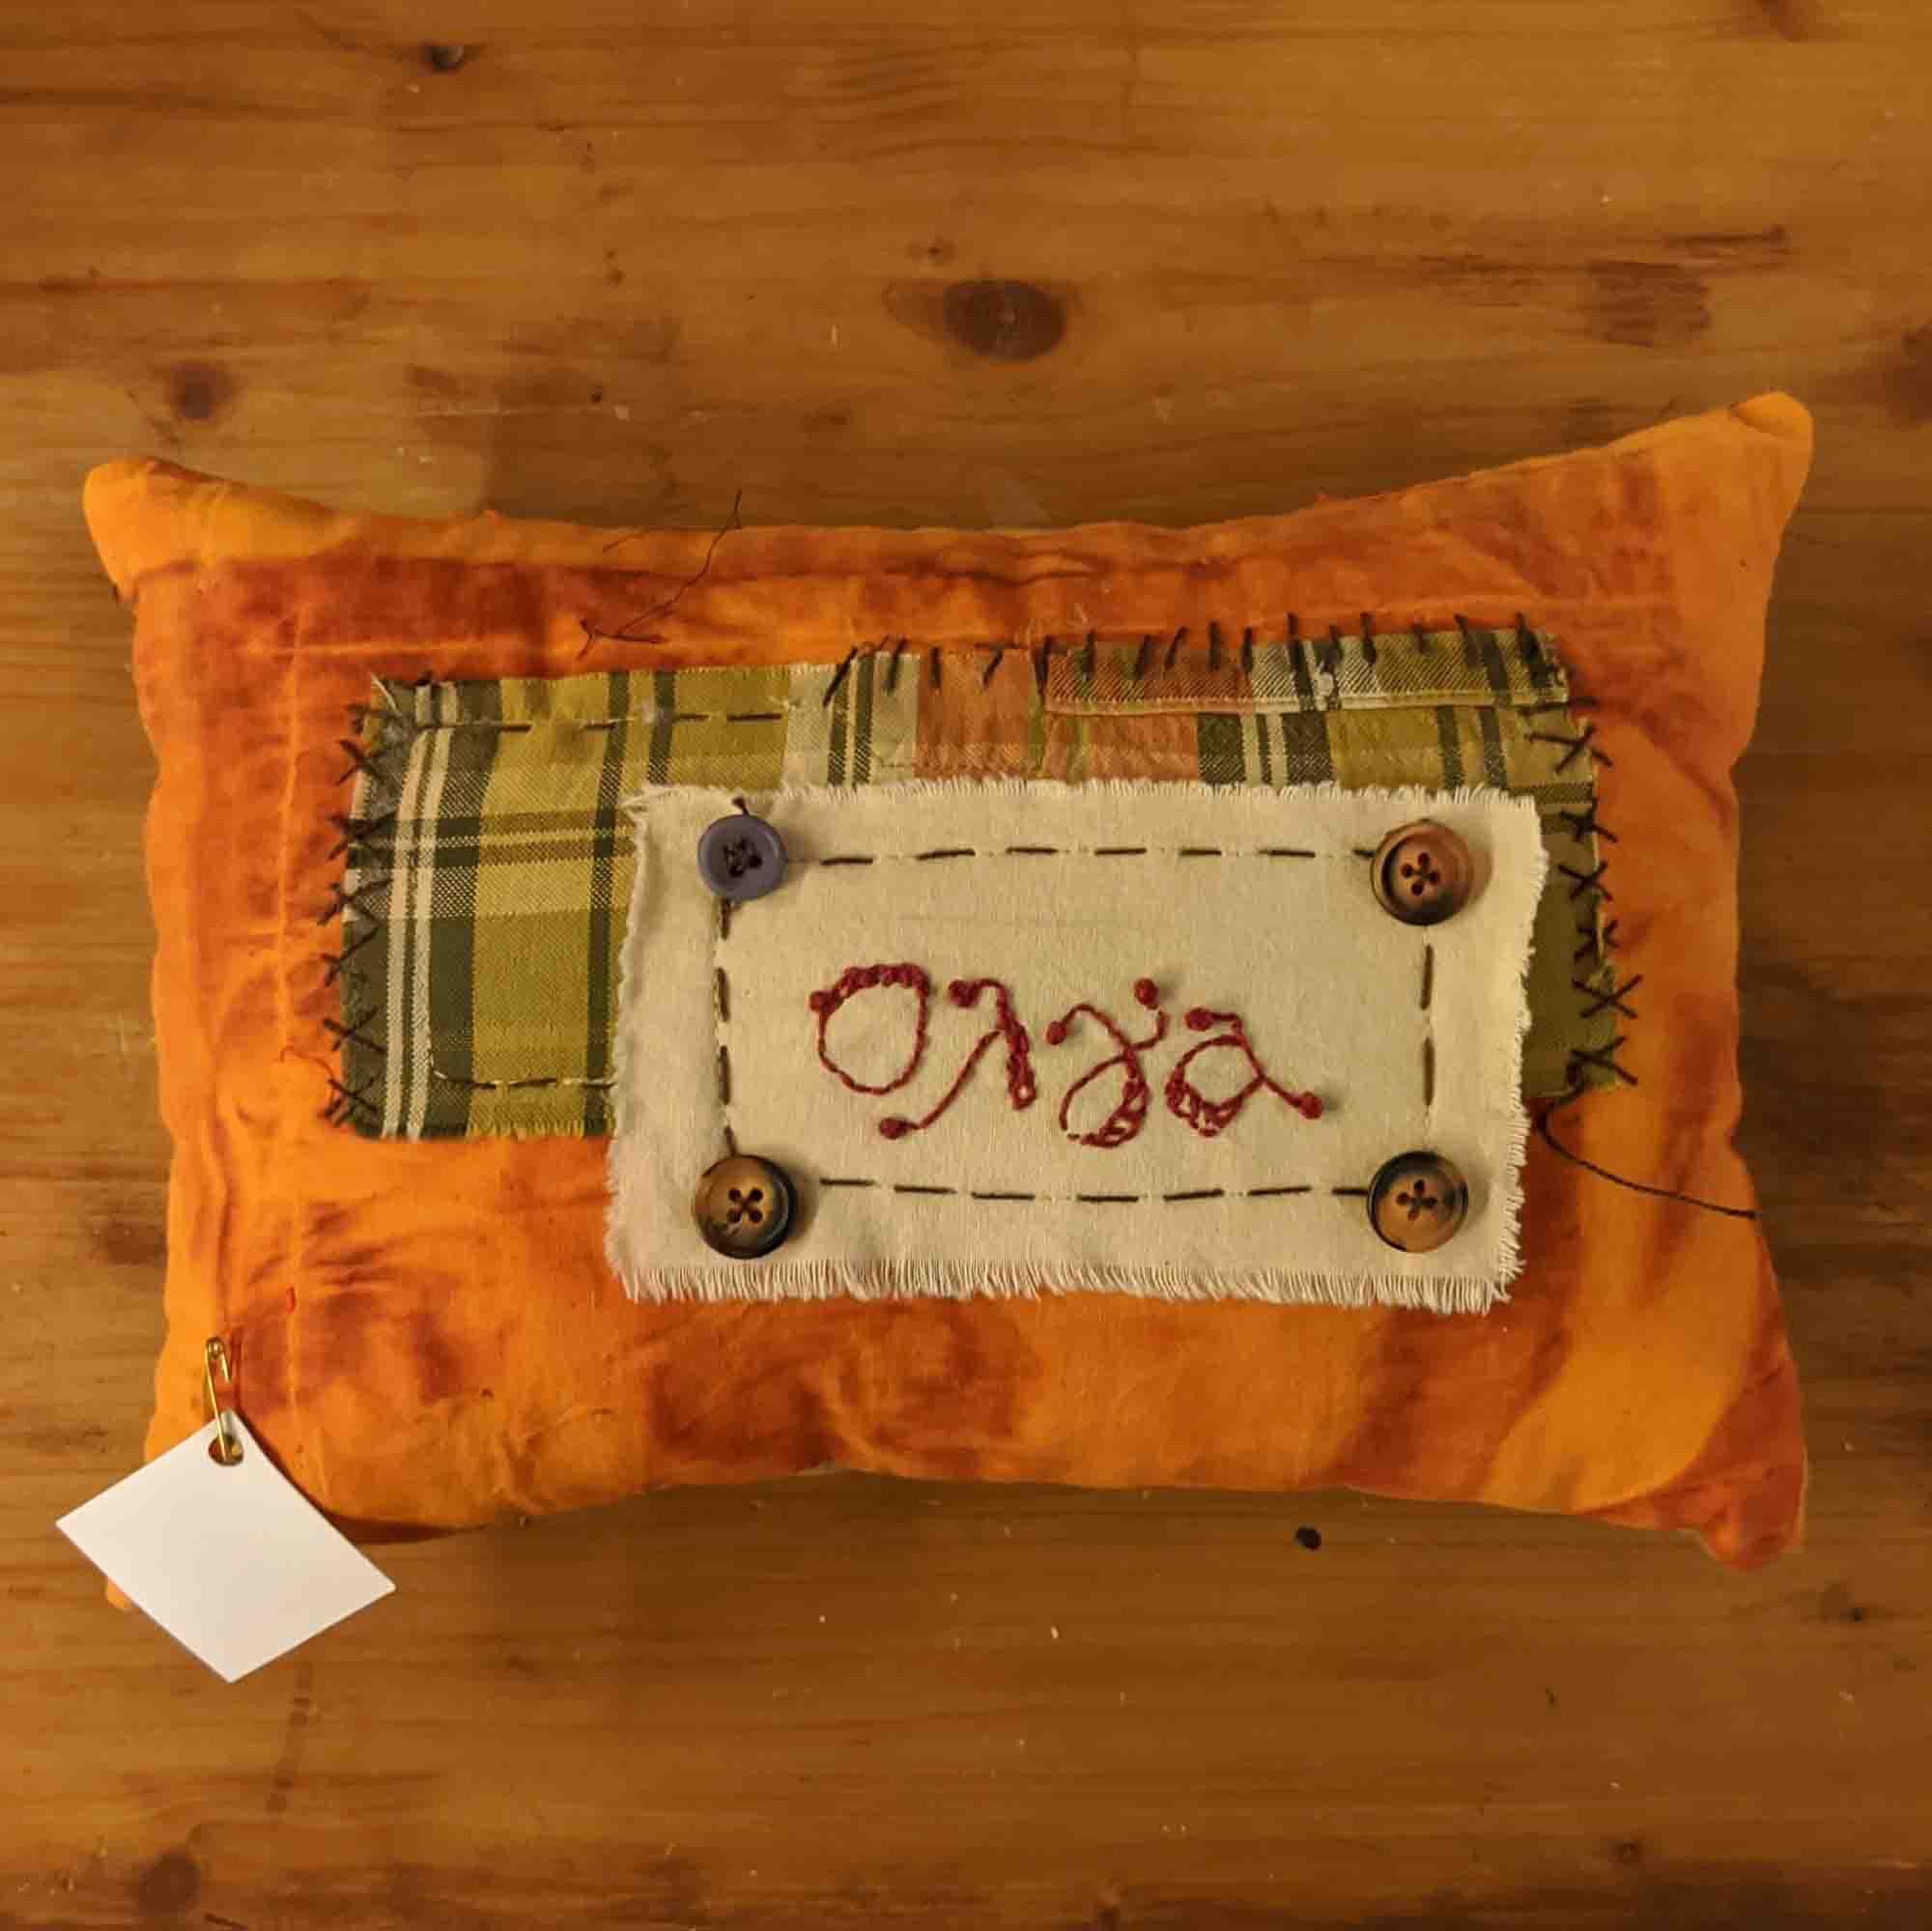 Μαξιλάρι όνομα / pillow name, embroidered